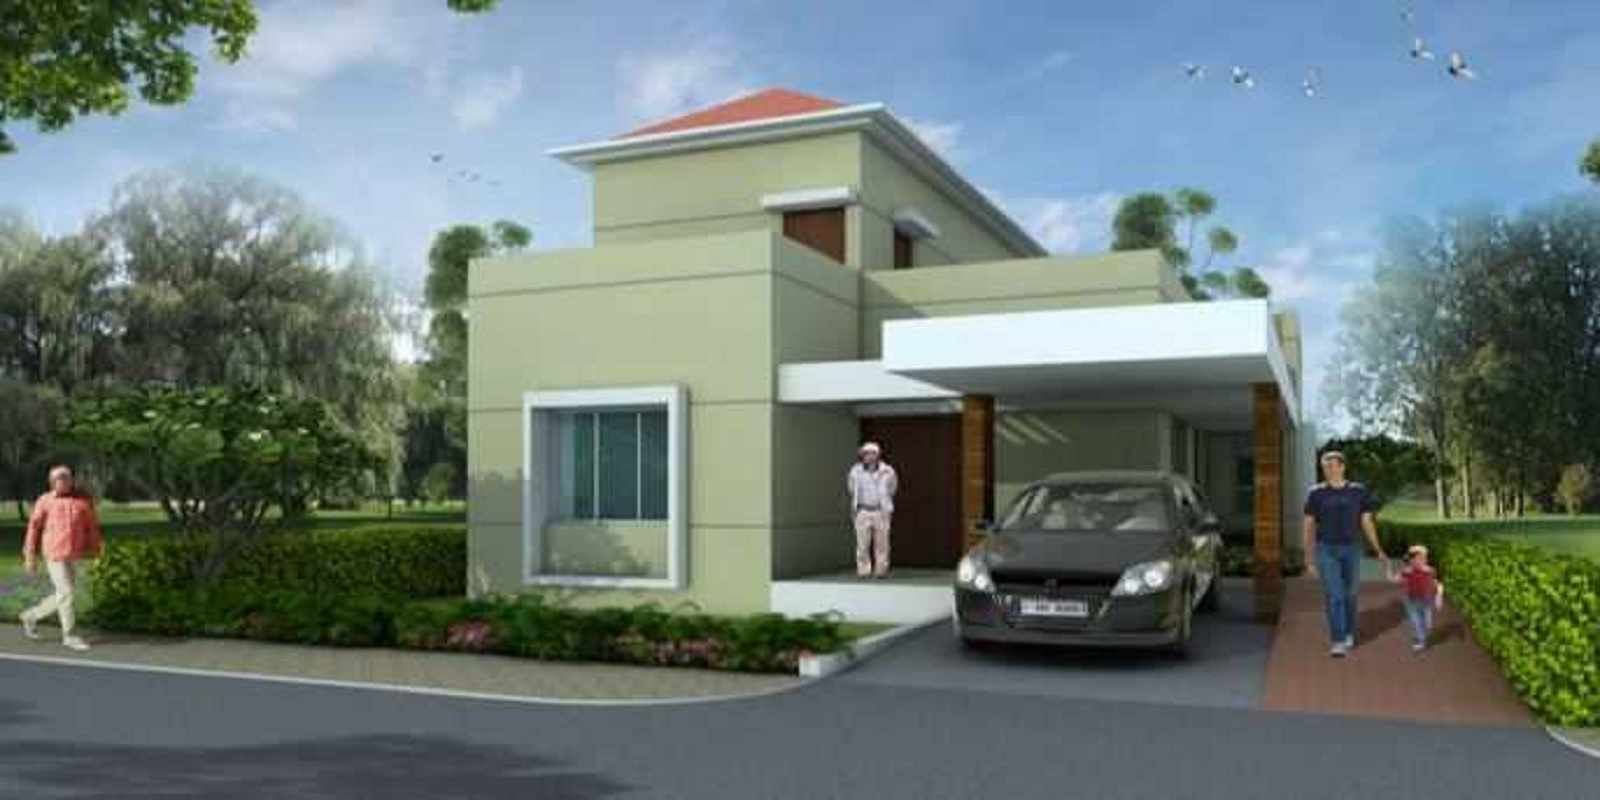 clover renaissance covai villas project project large image1